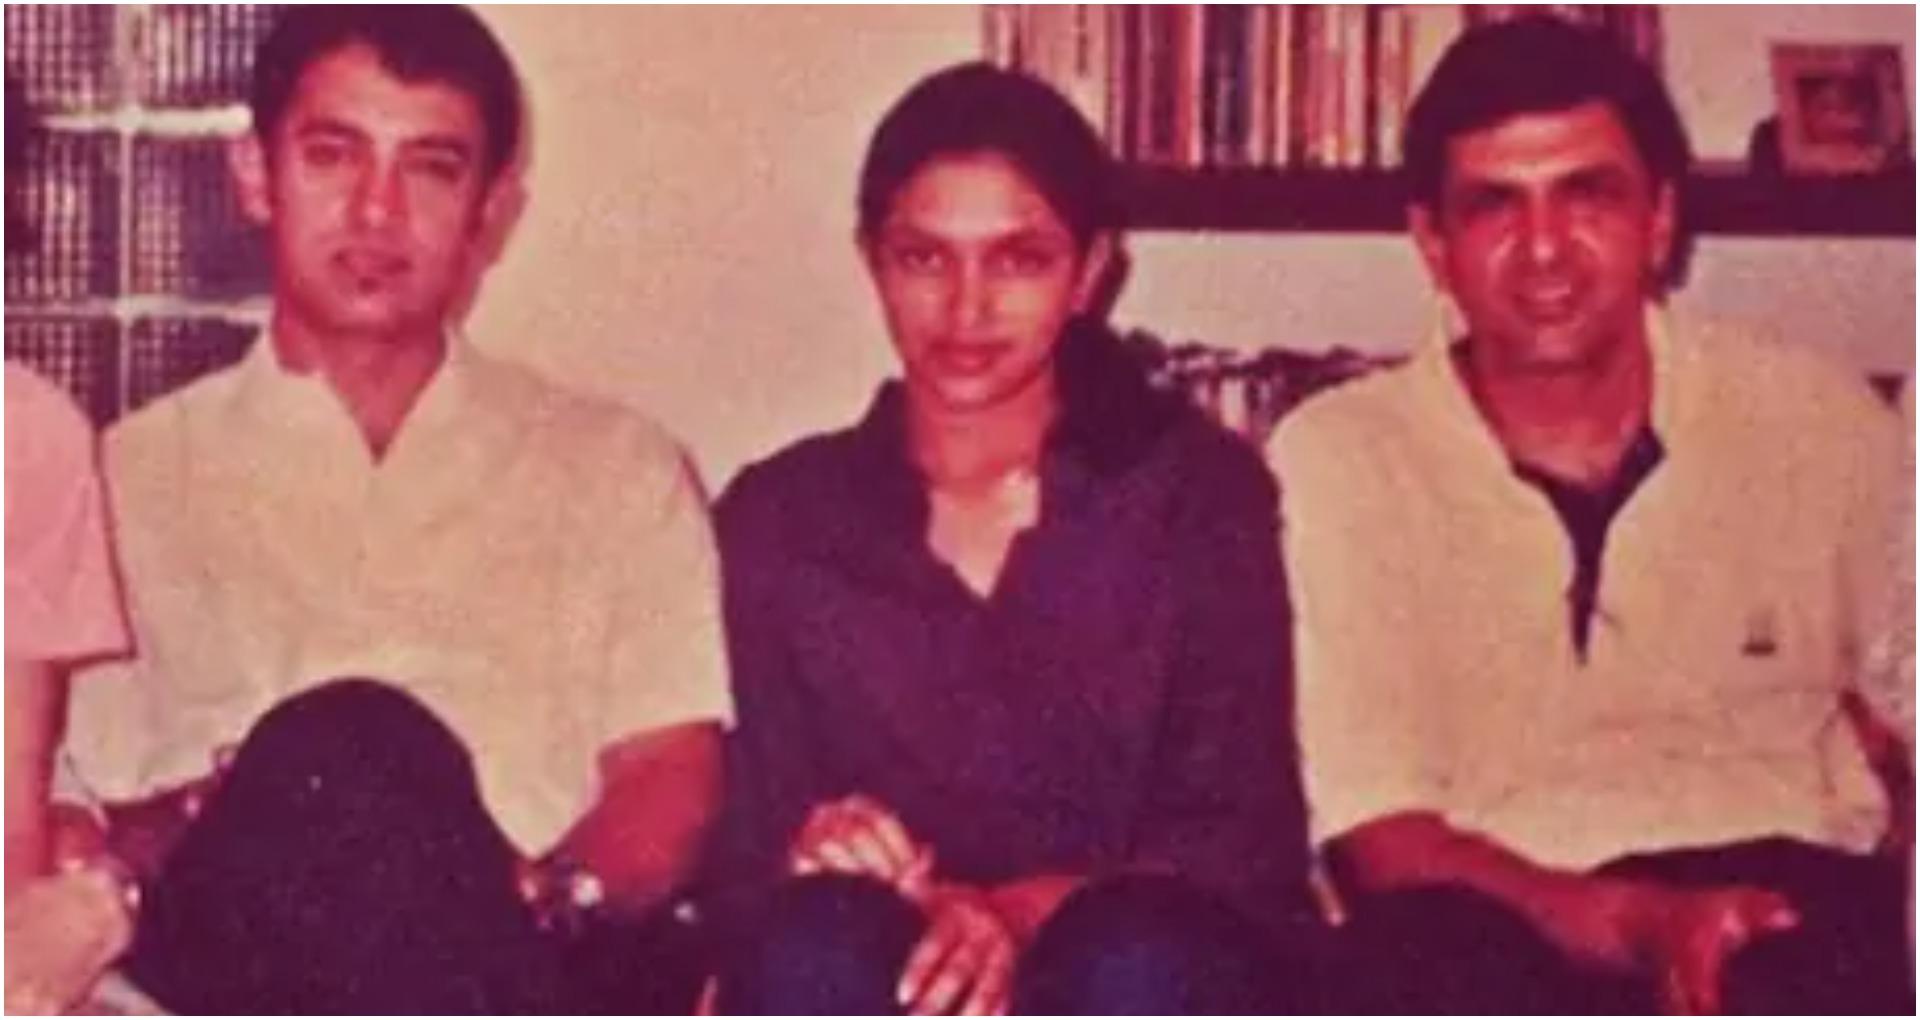 दीपिका पादुकोण ने आमिर खान के साथ शेयर की थ्रोबैक तस्वीर, लिखा-मैं भूखी थी, लेकिन उन्होंने मुझे खाना नहीं दिया'